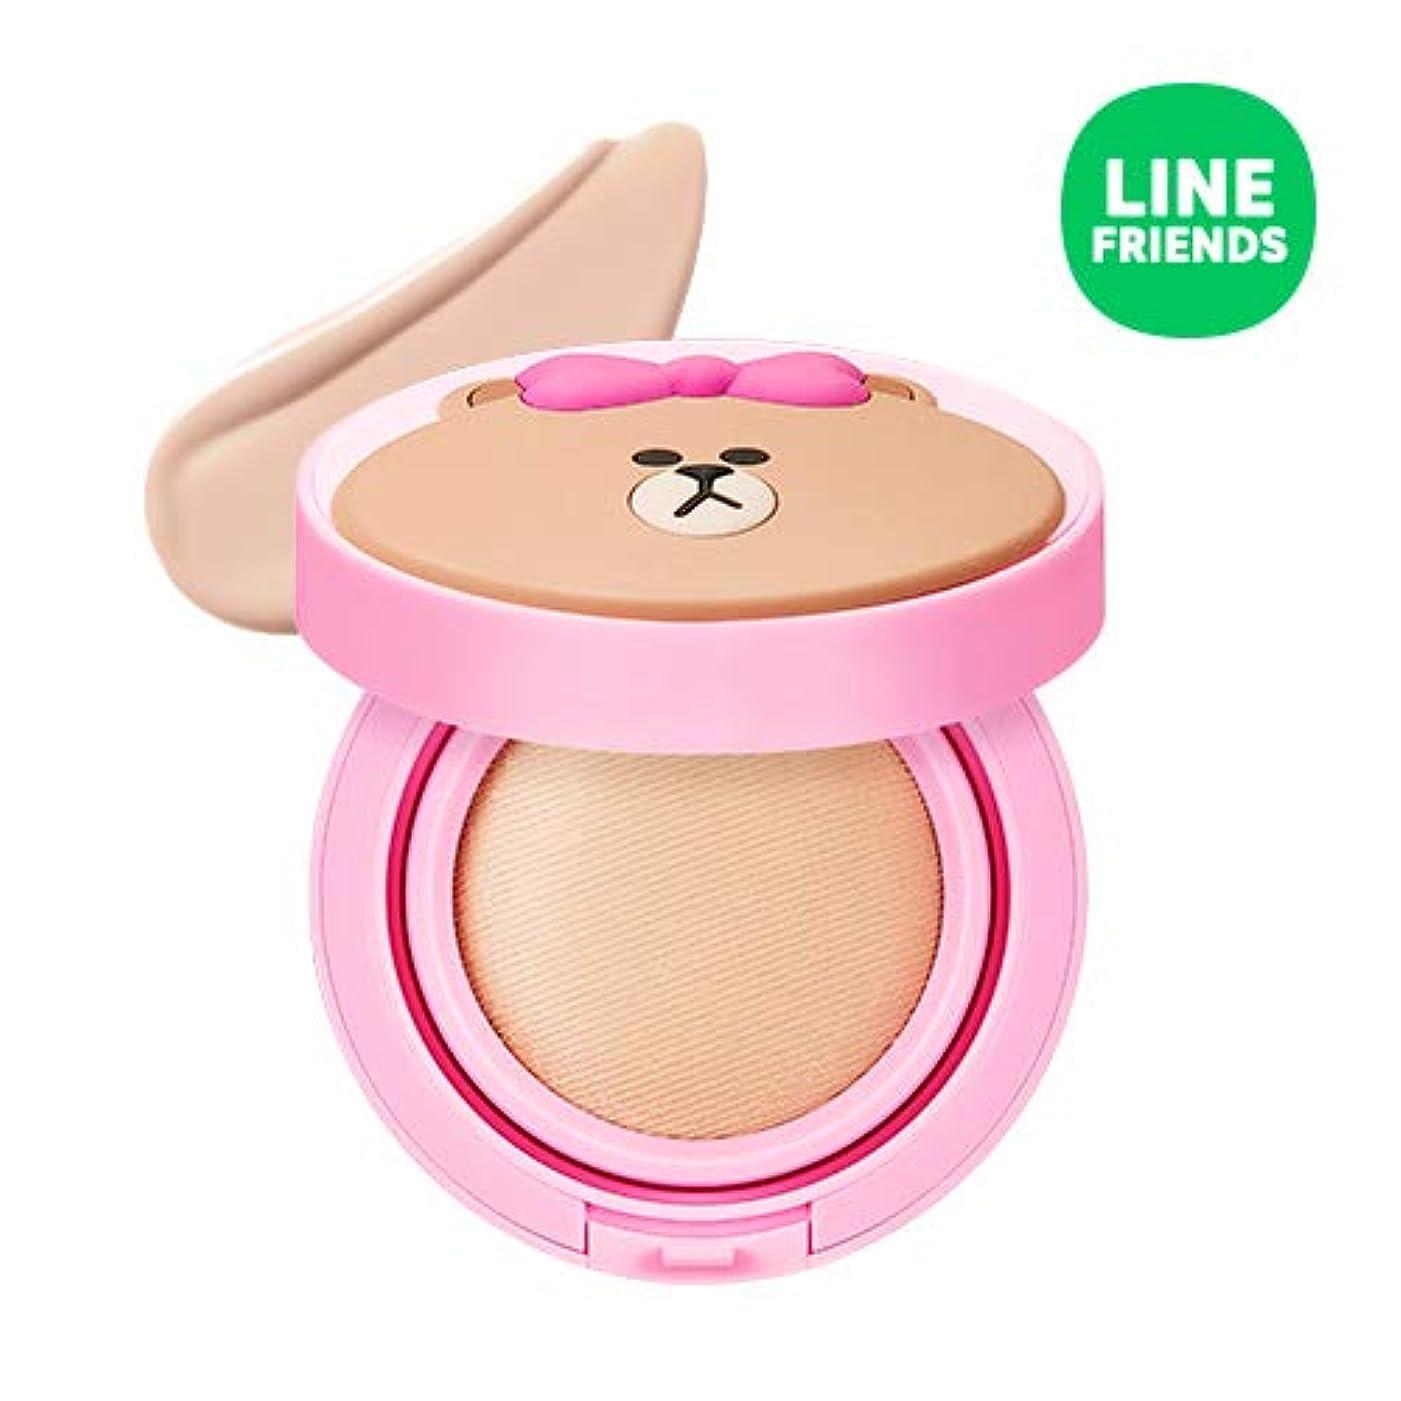 凍結王族ポーズミシャ(ラインフレンズ)グローテンション15g / MISSHA [Line Friends Edition] Glow Tension SPF50 PA+++ #Fair(Pink tone No.21) [並行輸入品]